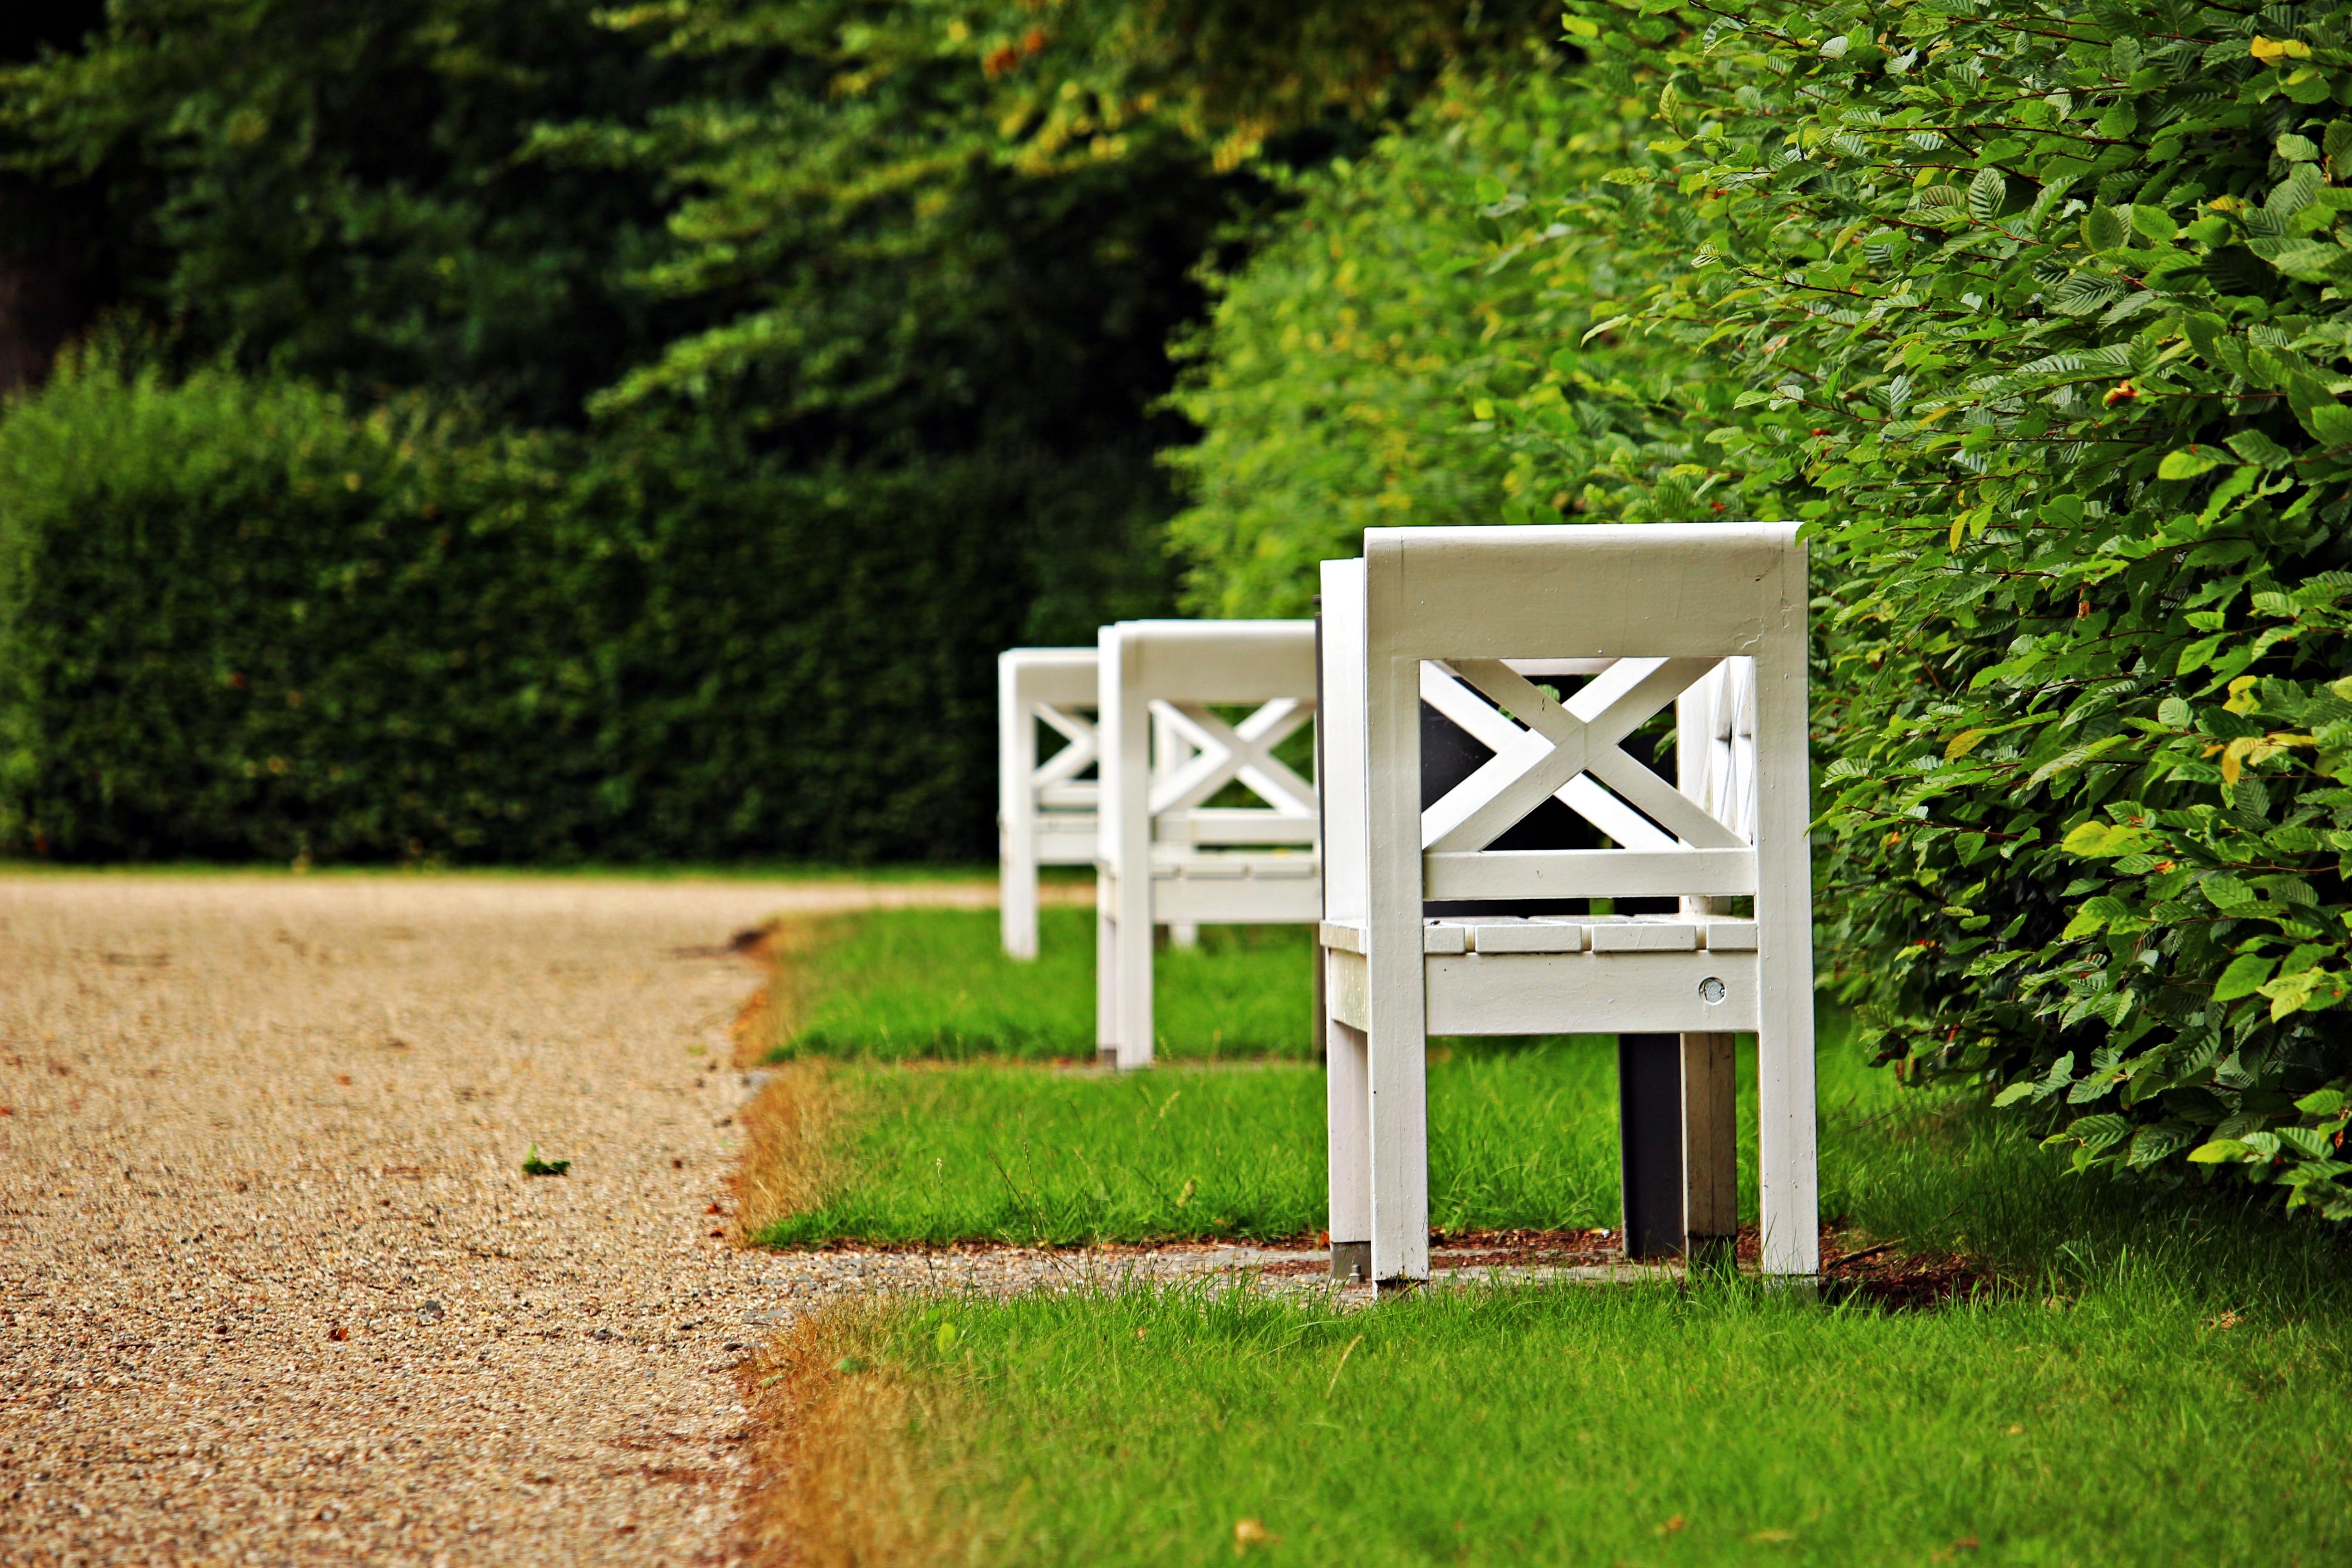 Fotos gratis : árbol, césped, madera, verde, patio interior, mueble ...